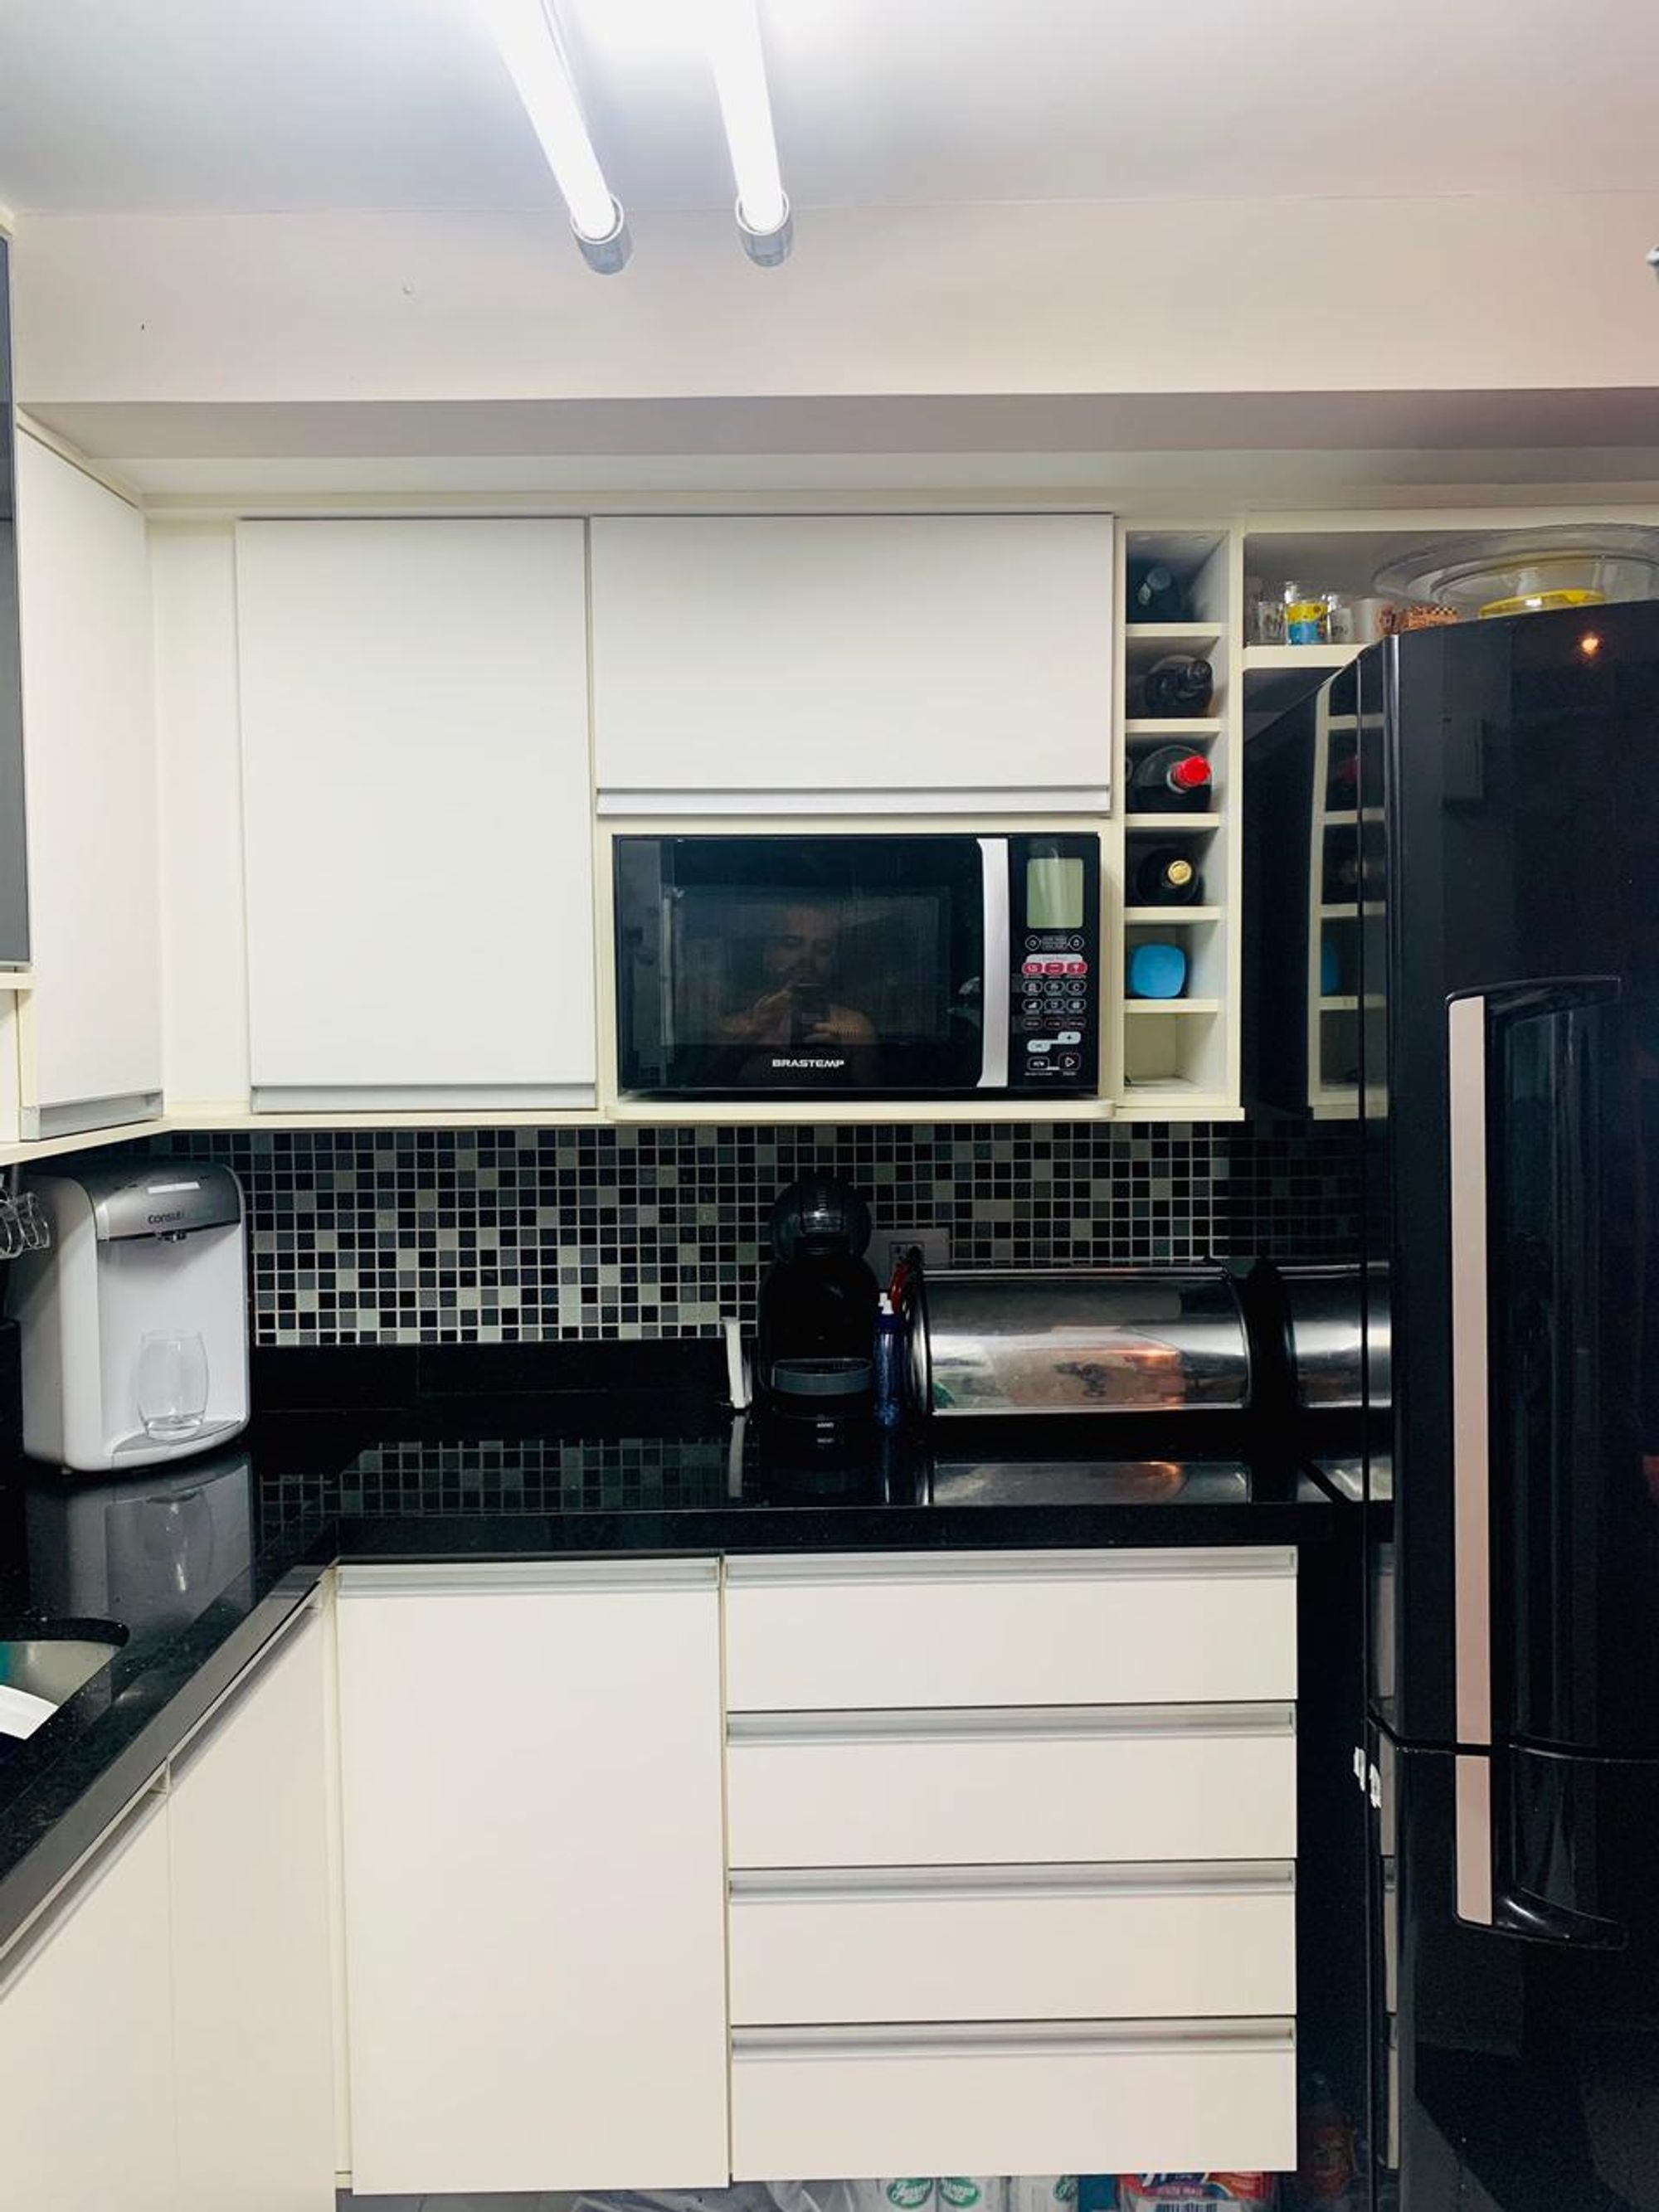 Foto de Cozinha com tigela, torradeira, pia